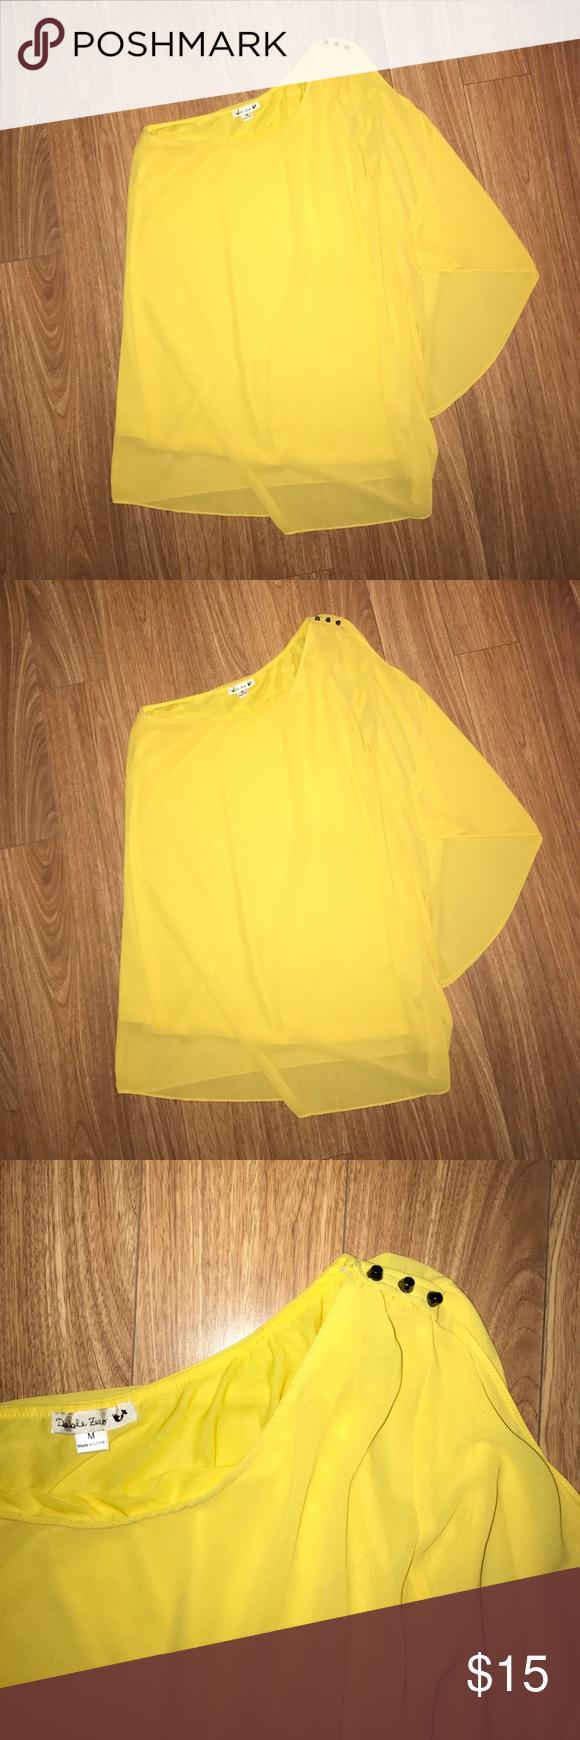 One shoulder yellow shift dress statement jewelry yellow dress